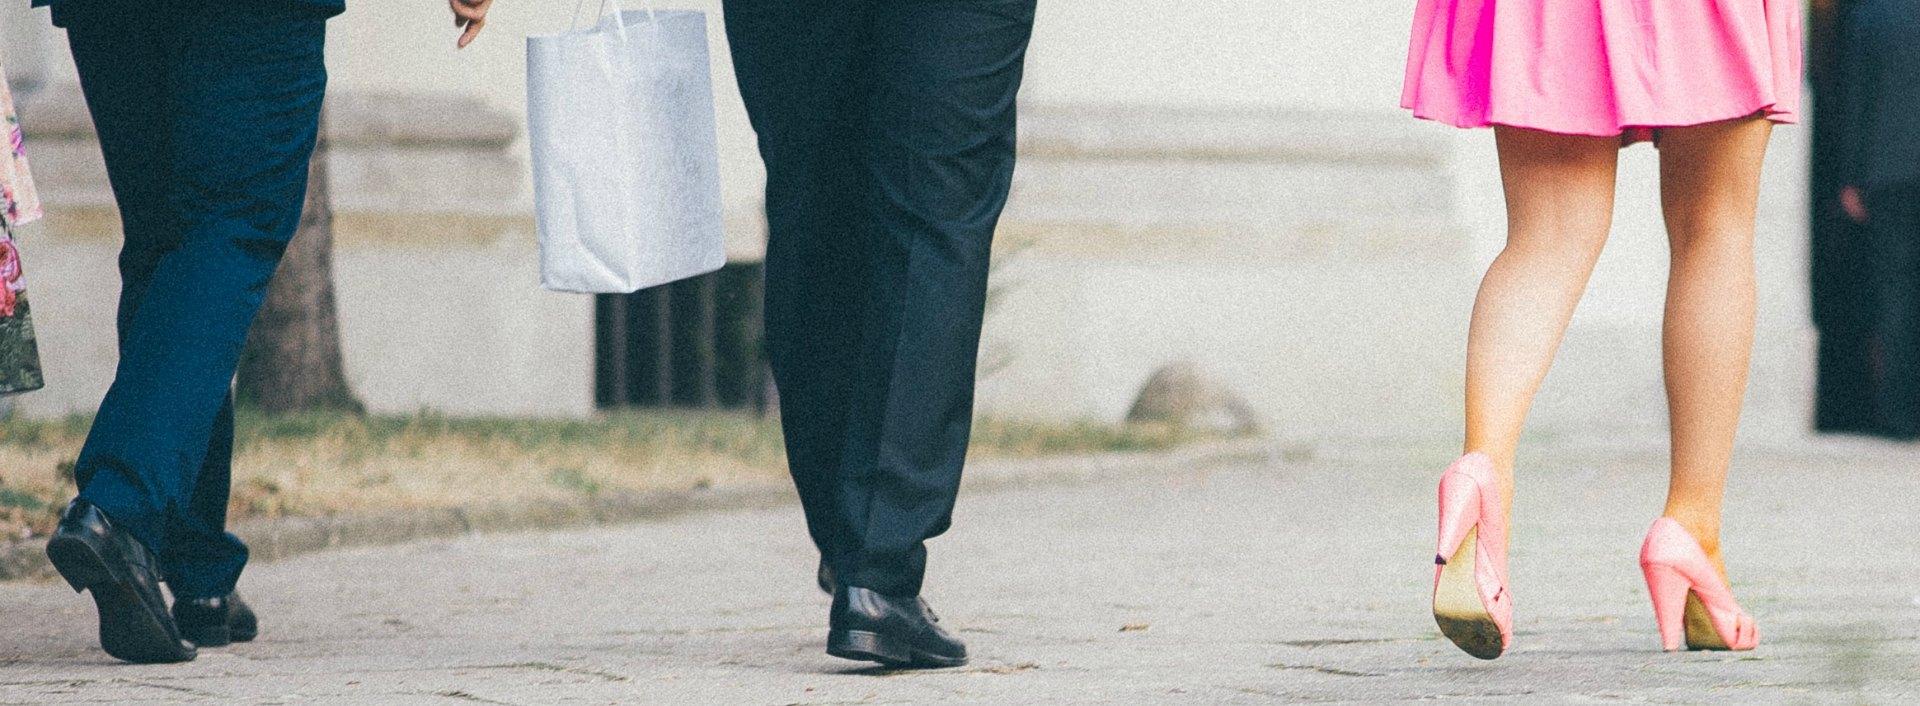 Geschlechter im Englischen: Ein Mann im Anzug und eine Frau im rosa Rock